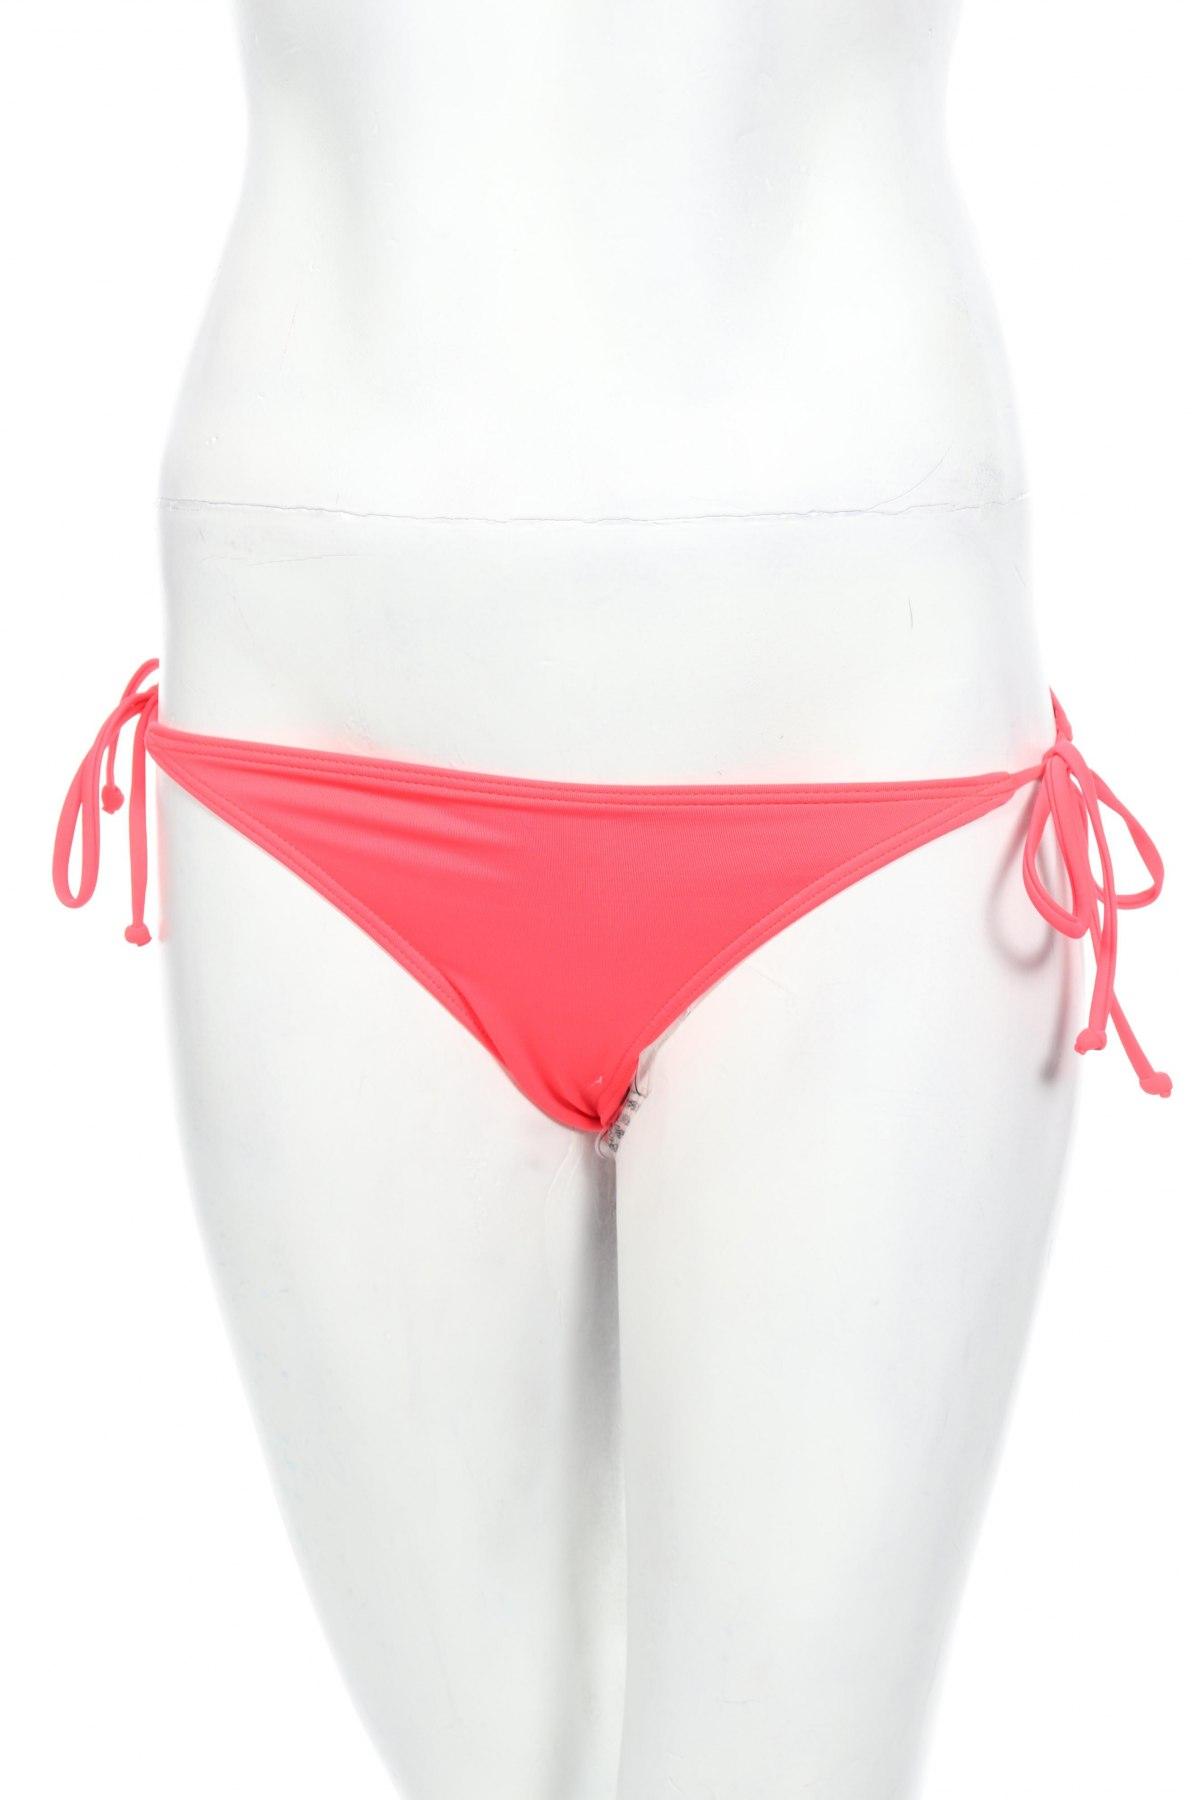 Дамски бански Billabong, Размер XS, Цвят Розов, 85% полиестер, 15% еластан, Цена 12,25лв.